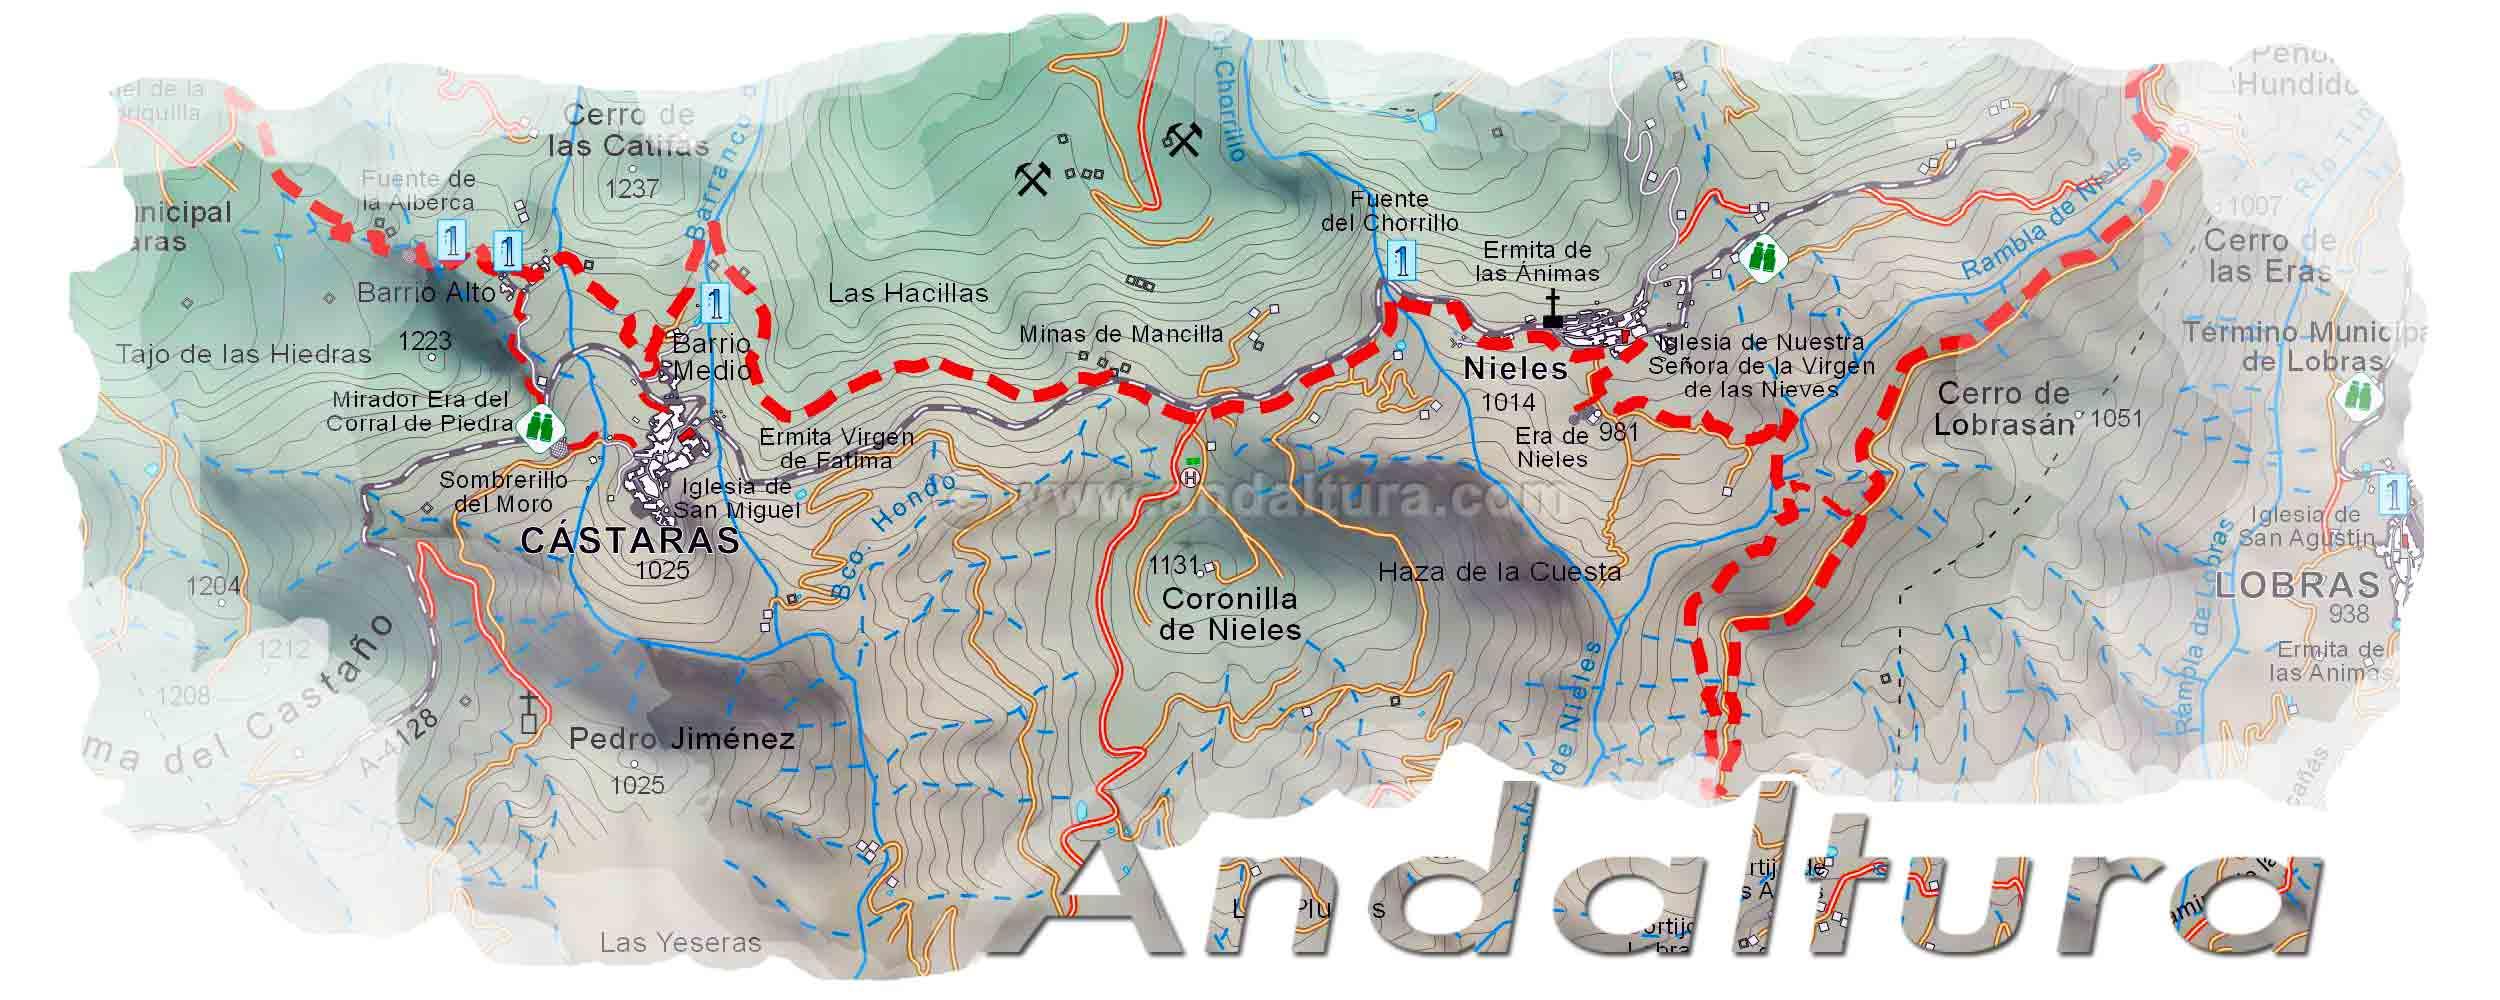 Cabecera Mapas Cartográficos de las Rutas de Senderismo por Andalucía de Andaltura